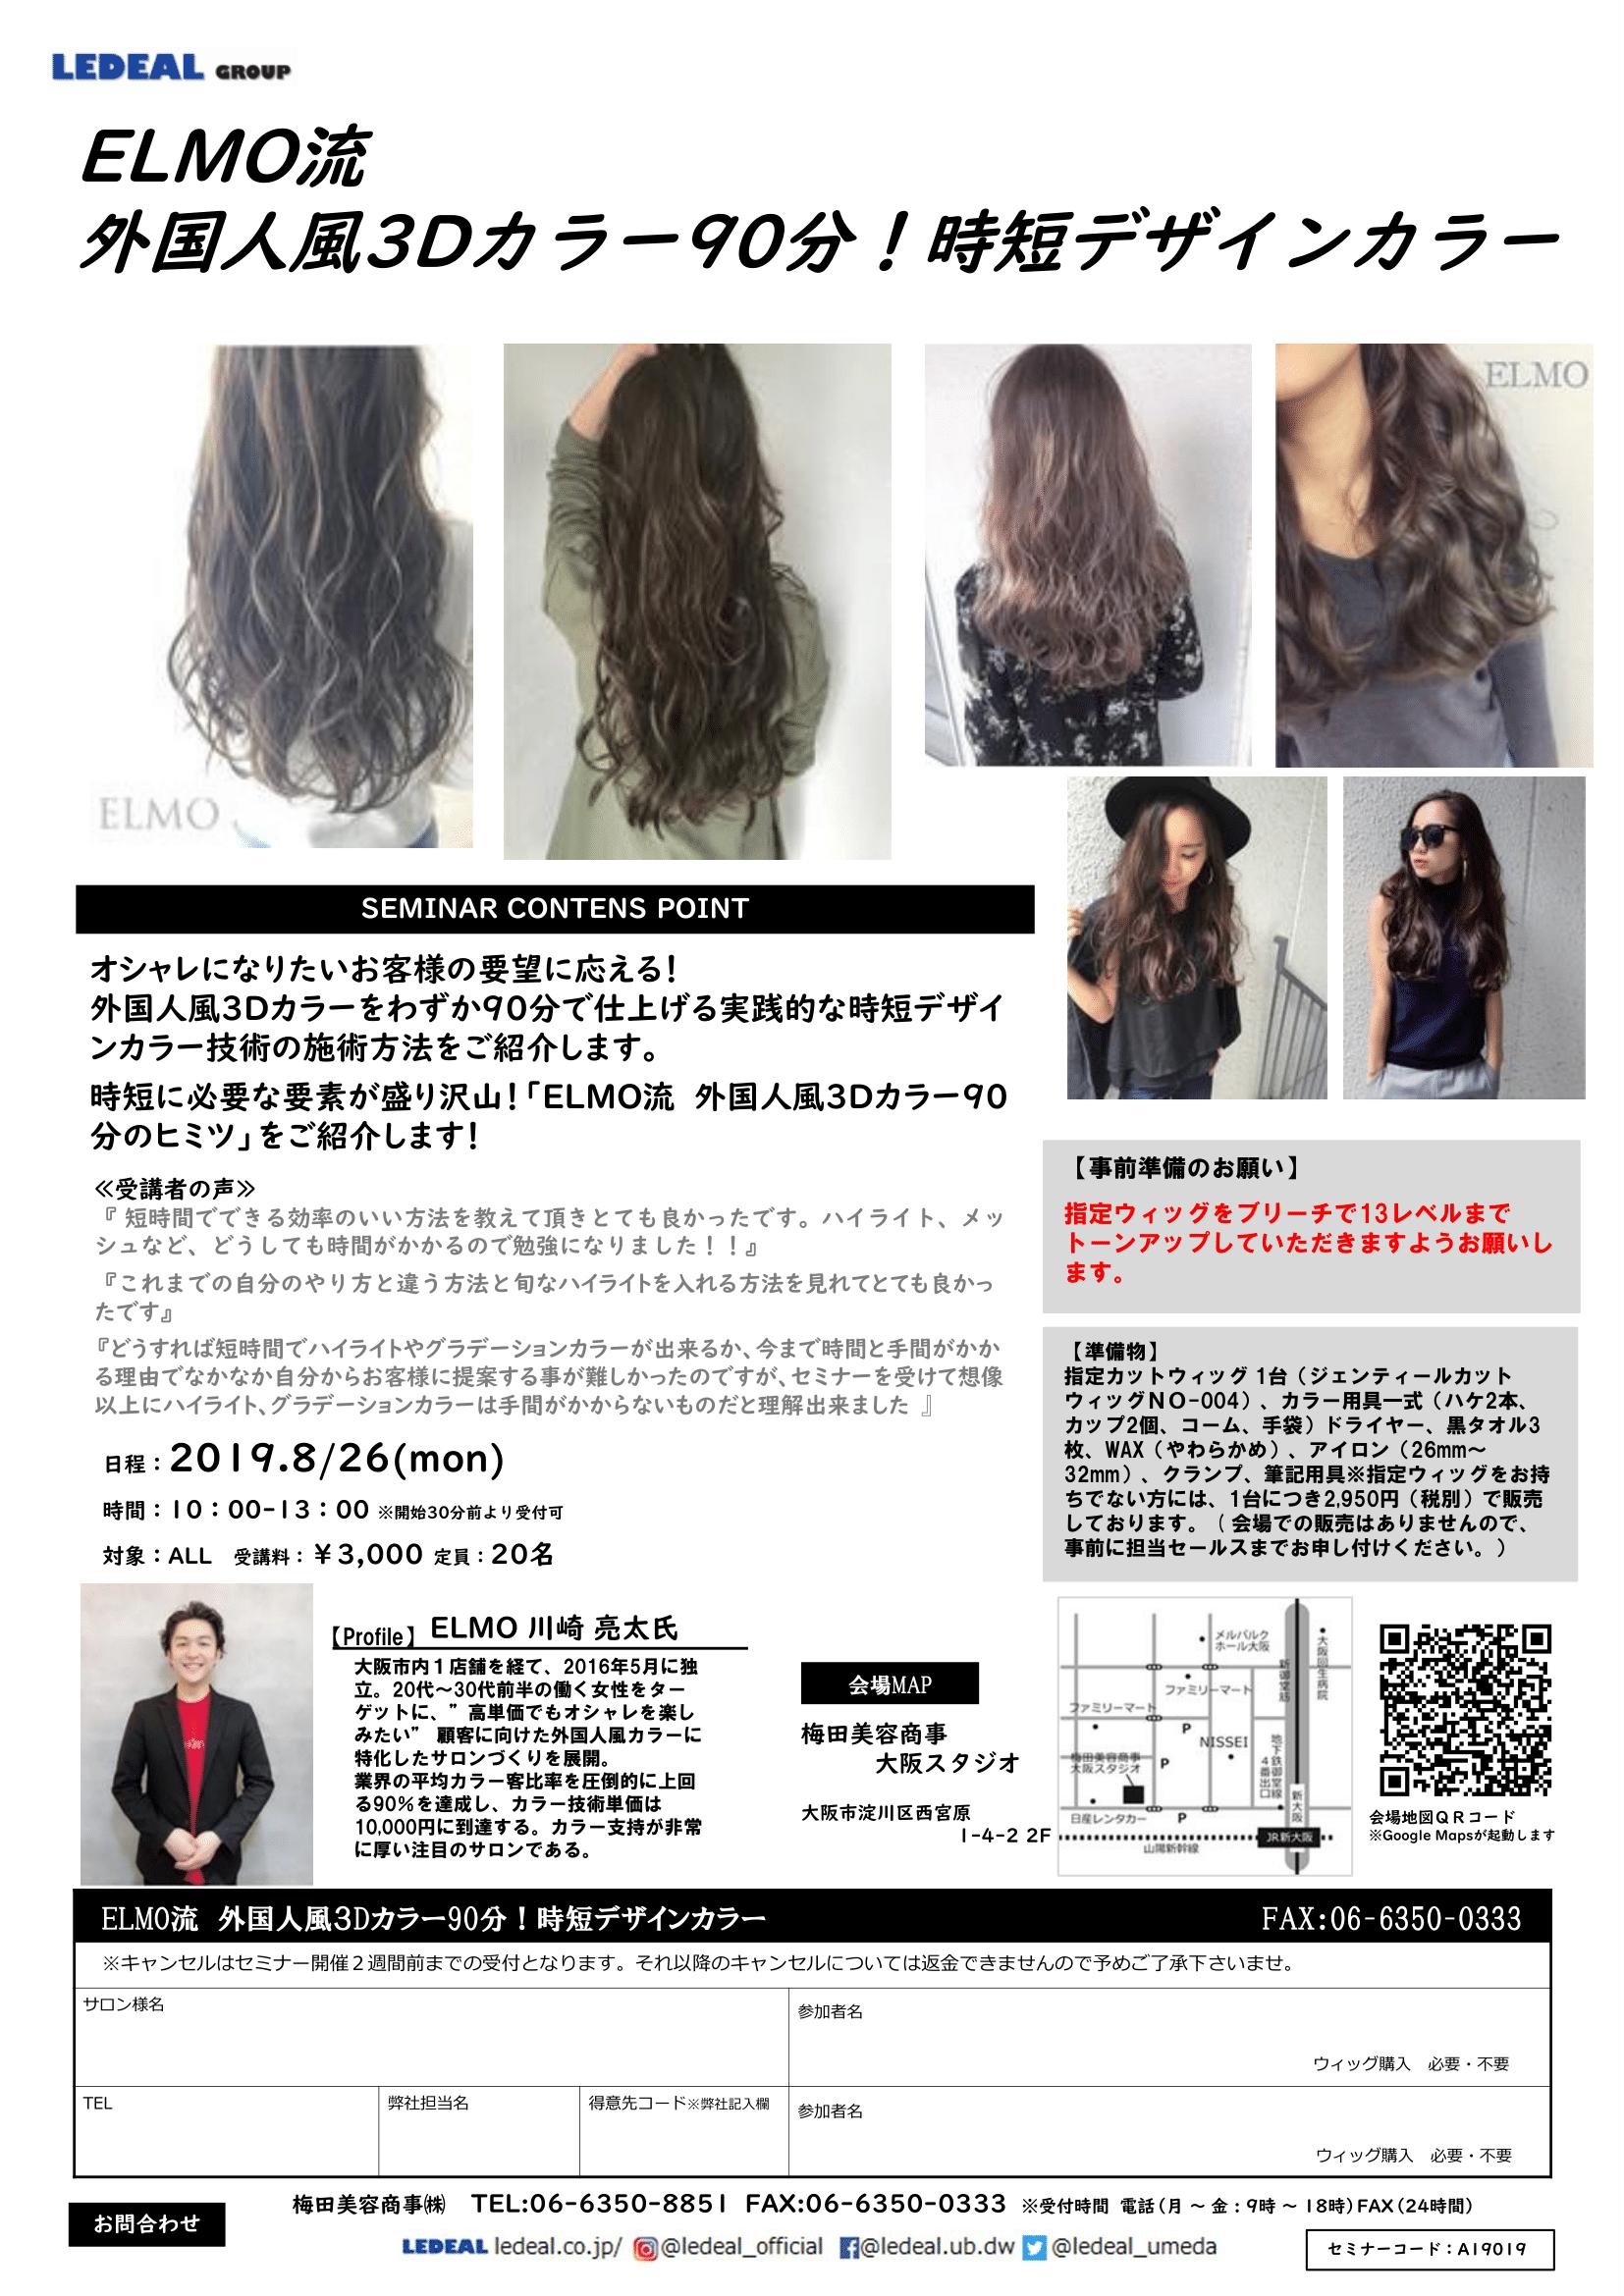 【大阪】ELMO流 外国人風3Dカラー90分!時短デザインカラー